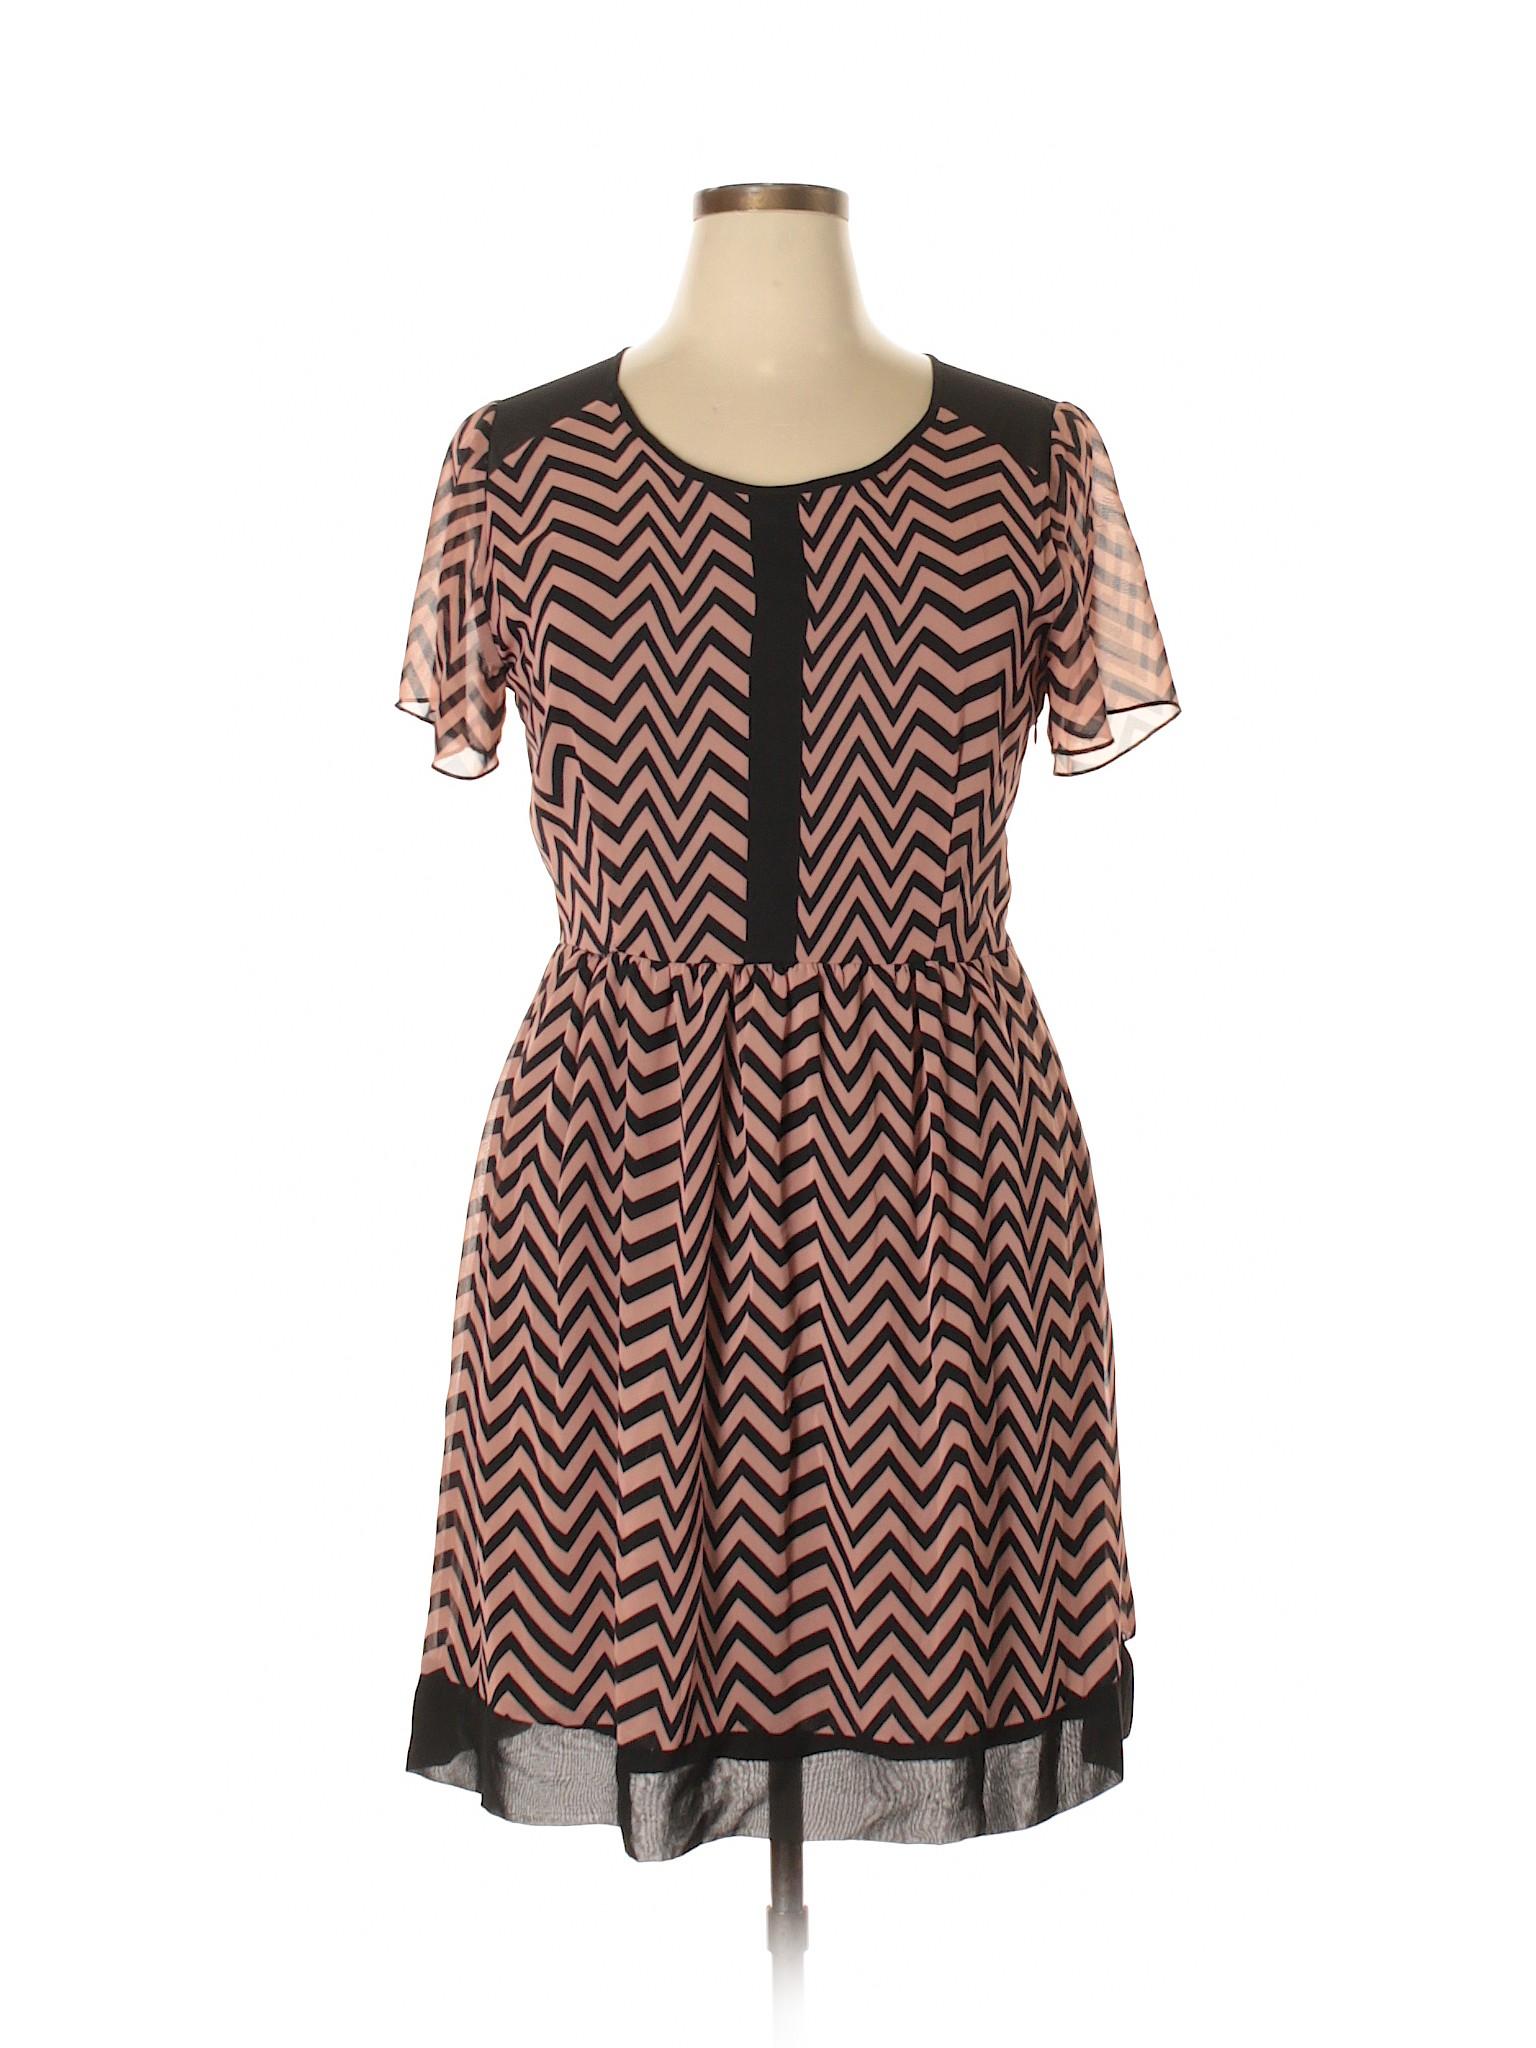 Studio winter Boutique Focus En Casual Dress xqTS7wTf